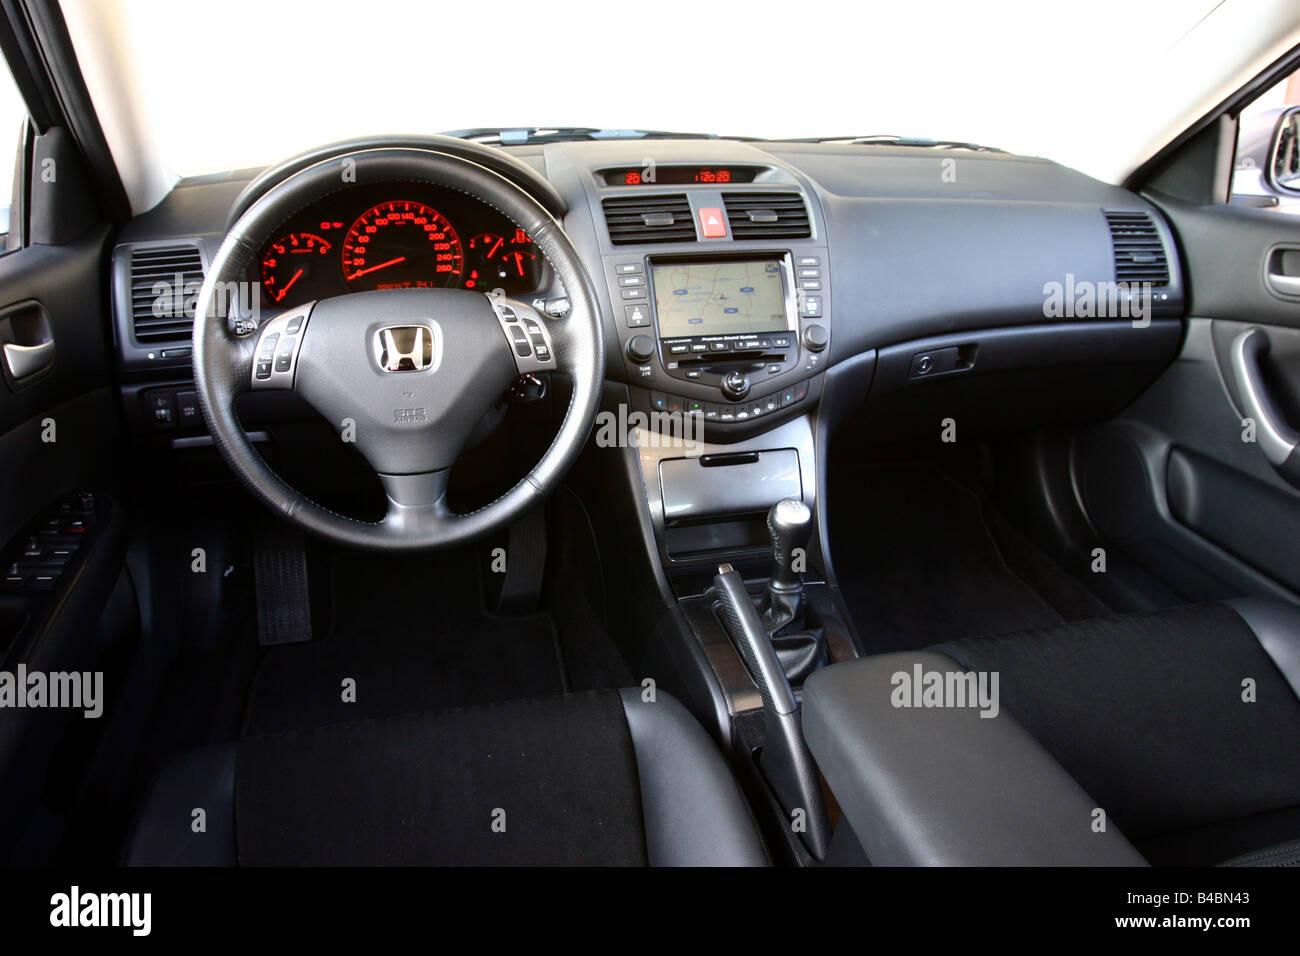 voiture honda accord 22 i ctdi sport 103 kw limousine la classe moyenne lanne de modle 2003 dargent fghds vue de lintrieur de l intrieur vi